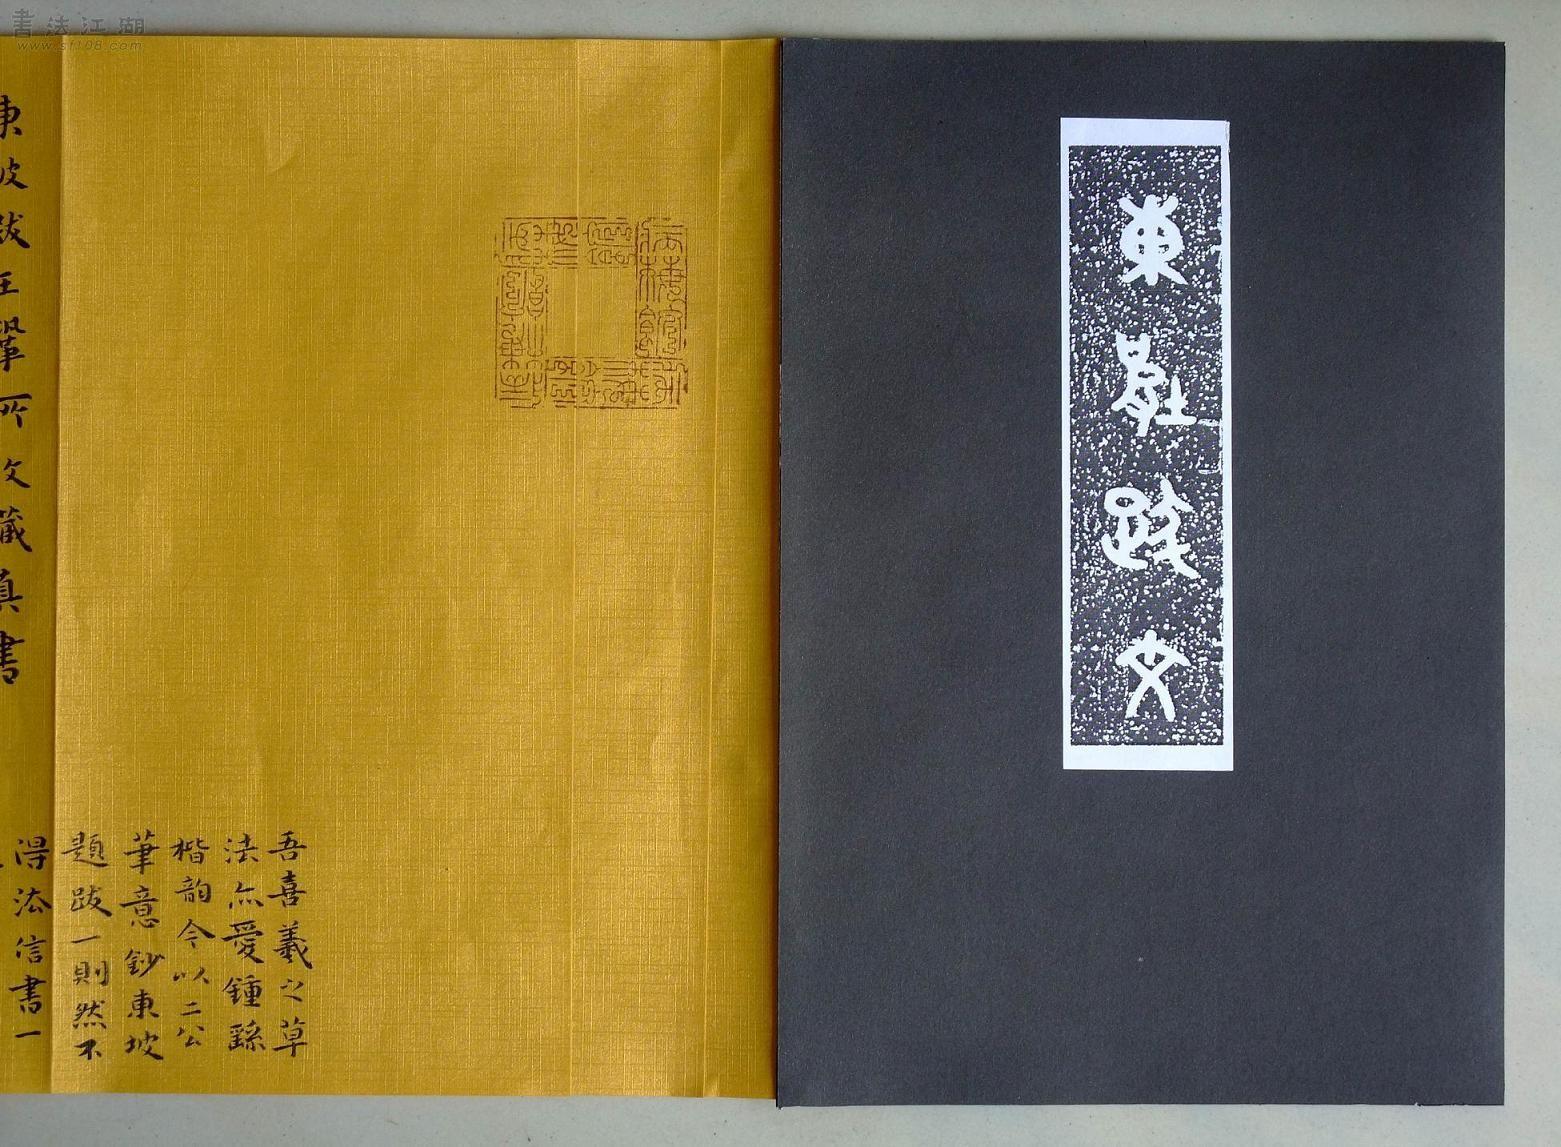 叶小勇书东坡跋文0910-04.jpg